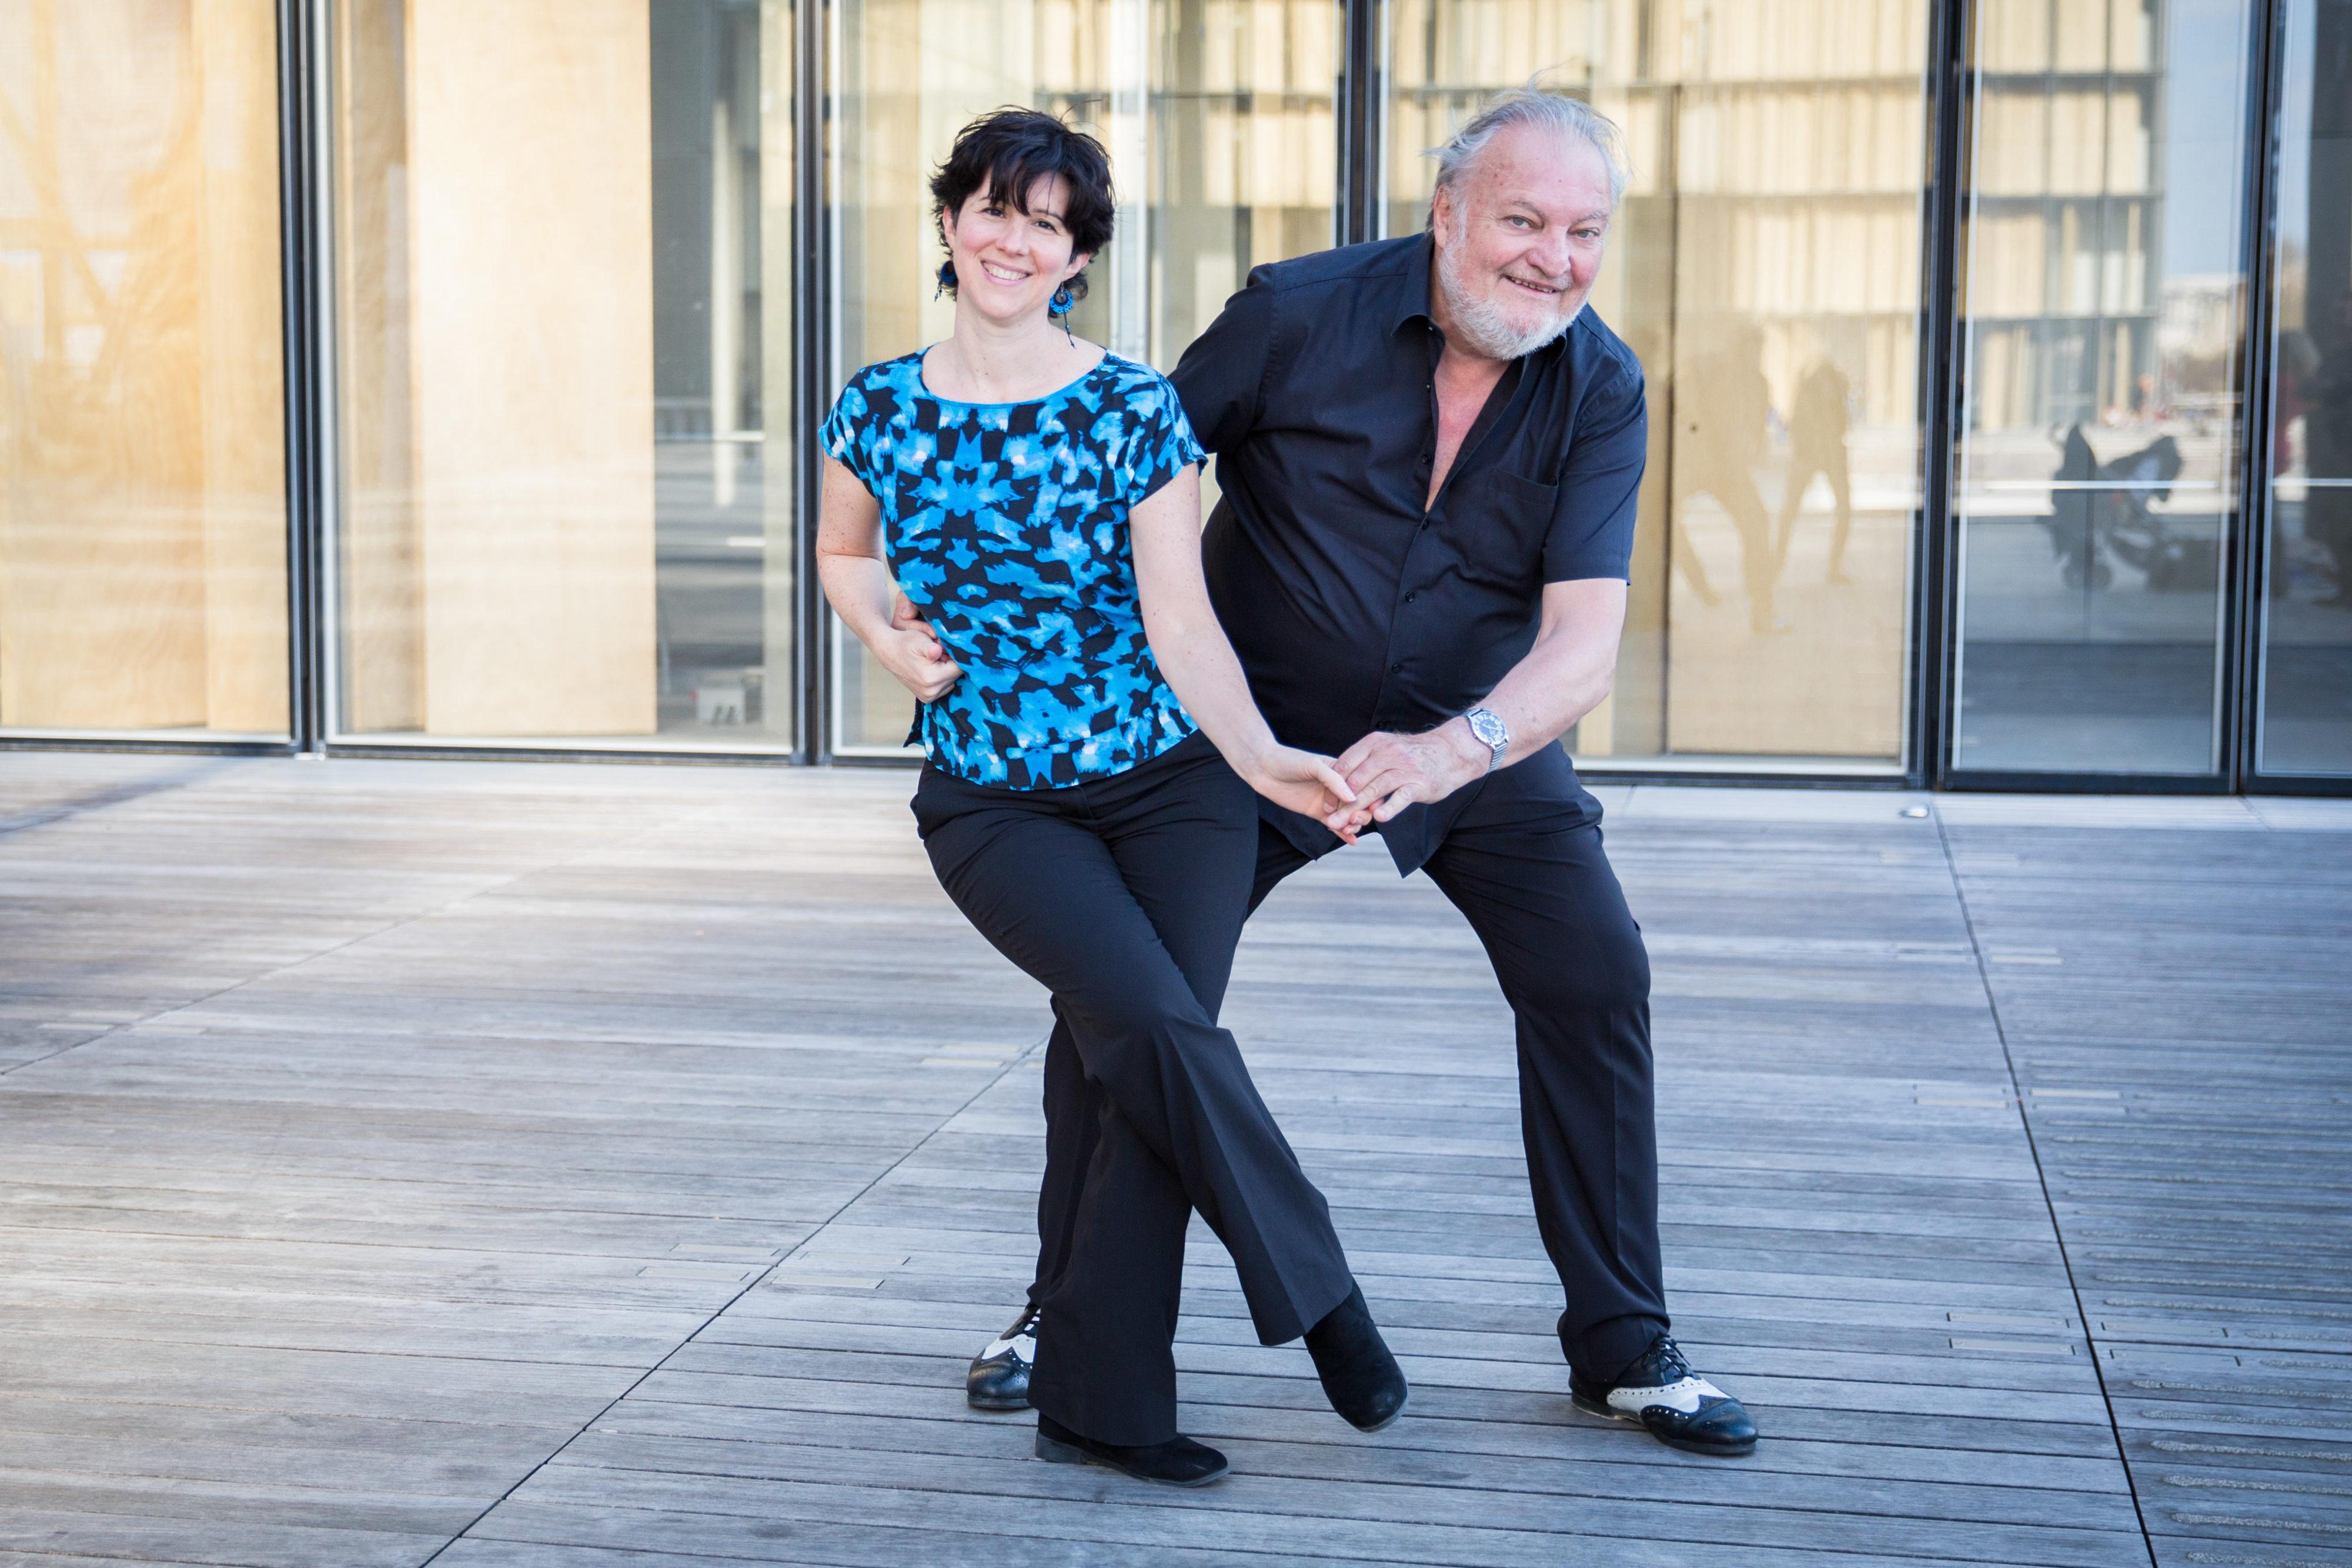 Lena et Lionel dansent à la BNF